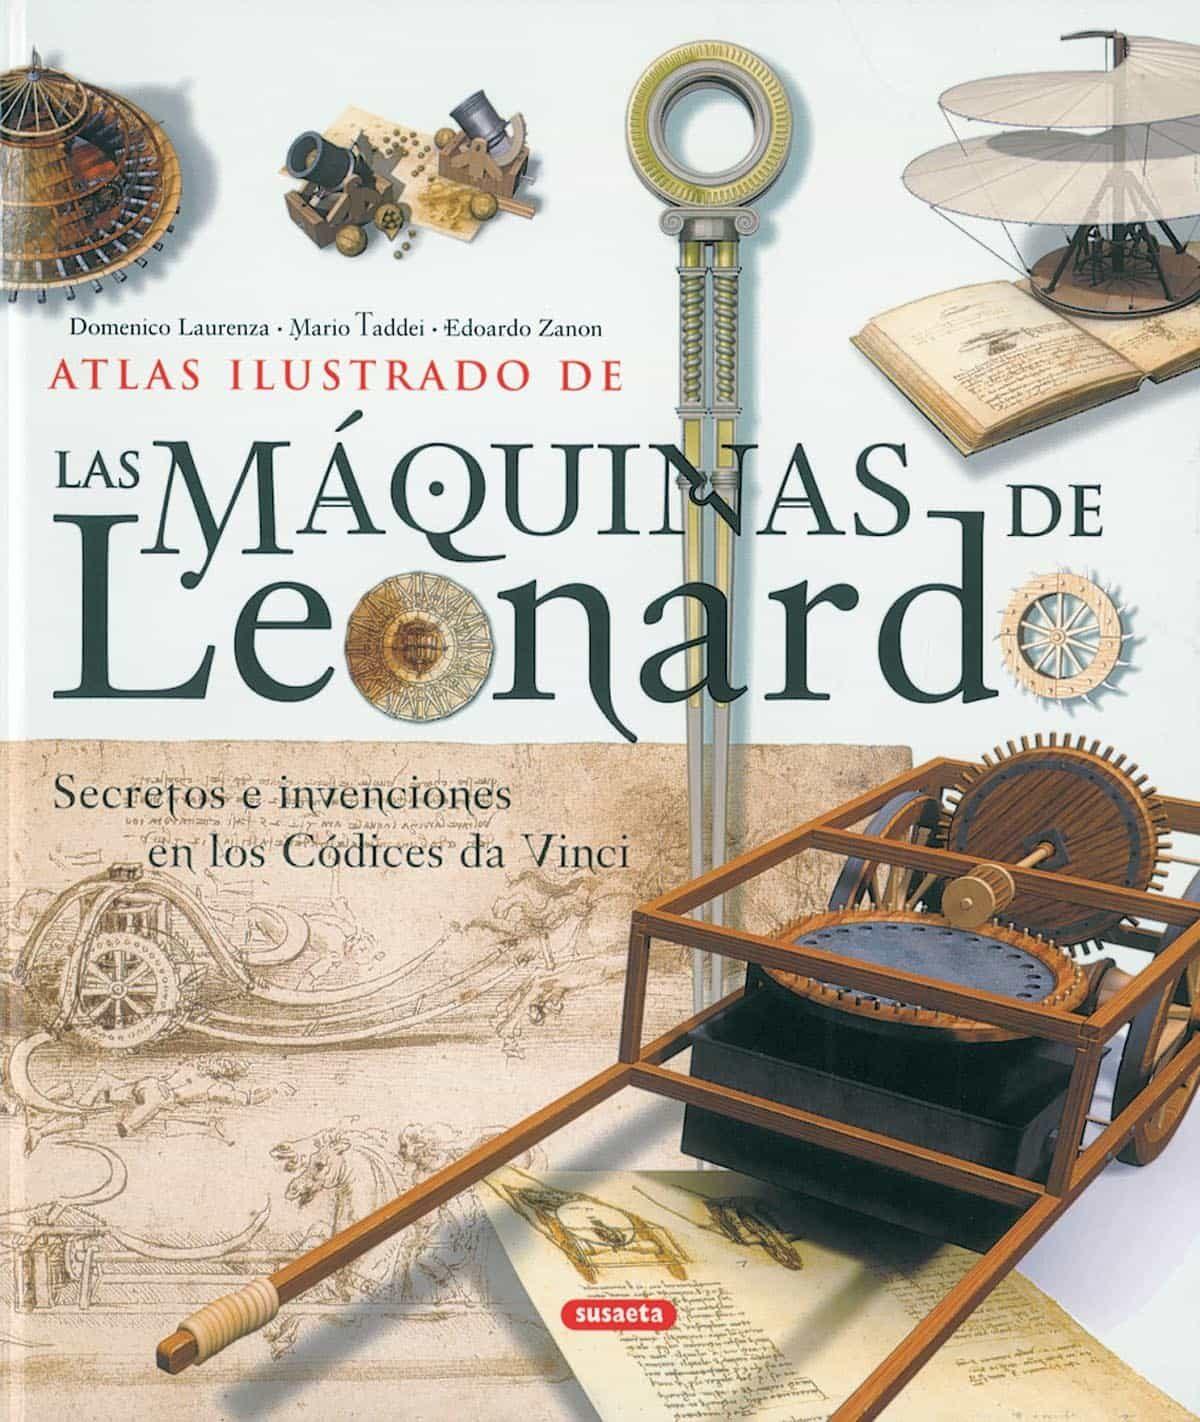 Resultado de imagen de MAQUINAS E INVENTOS LIBRO DE LEONARDO